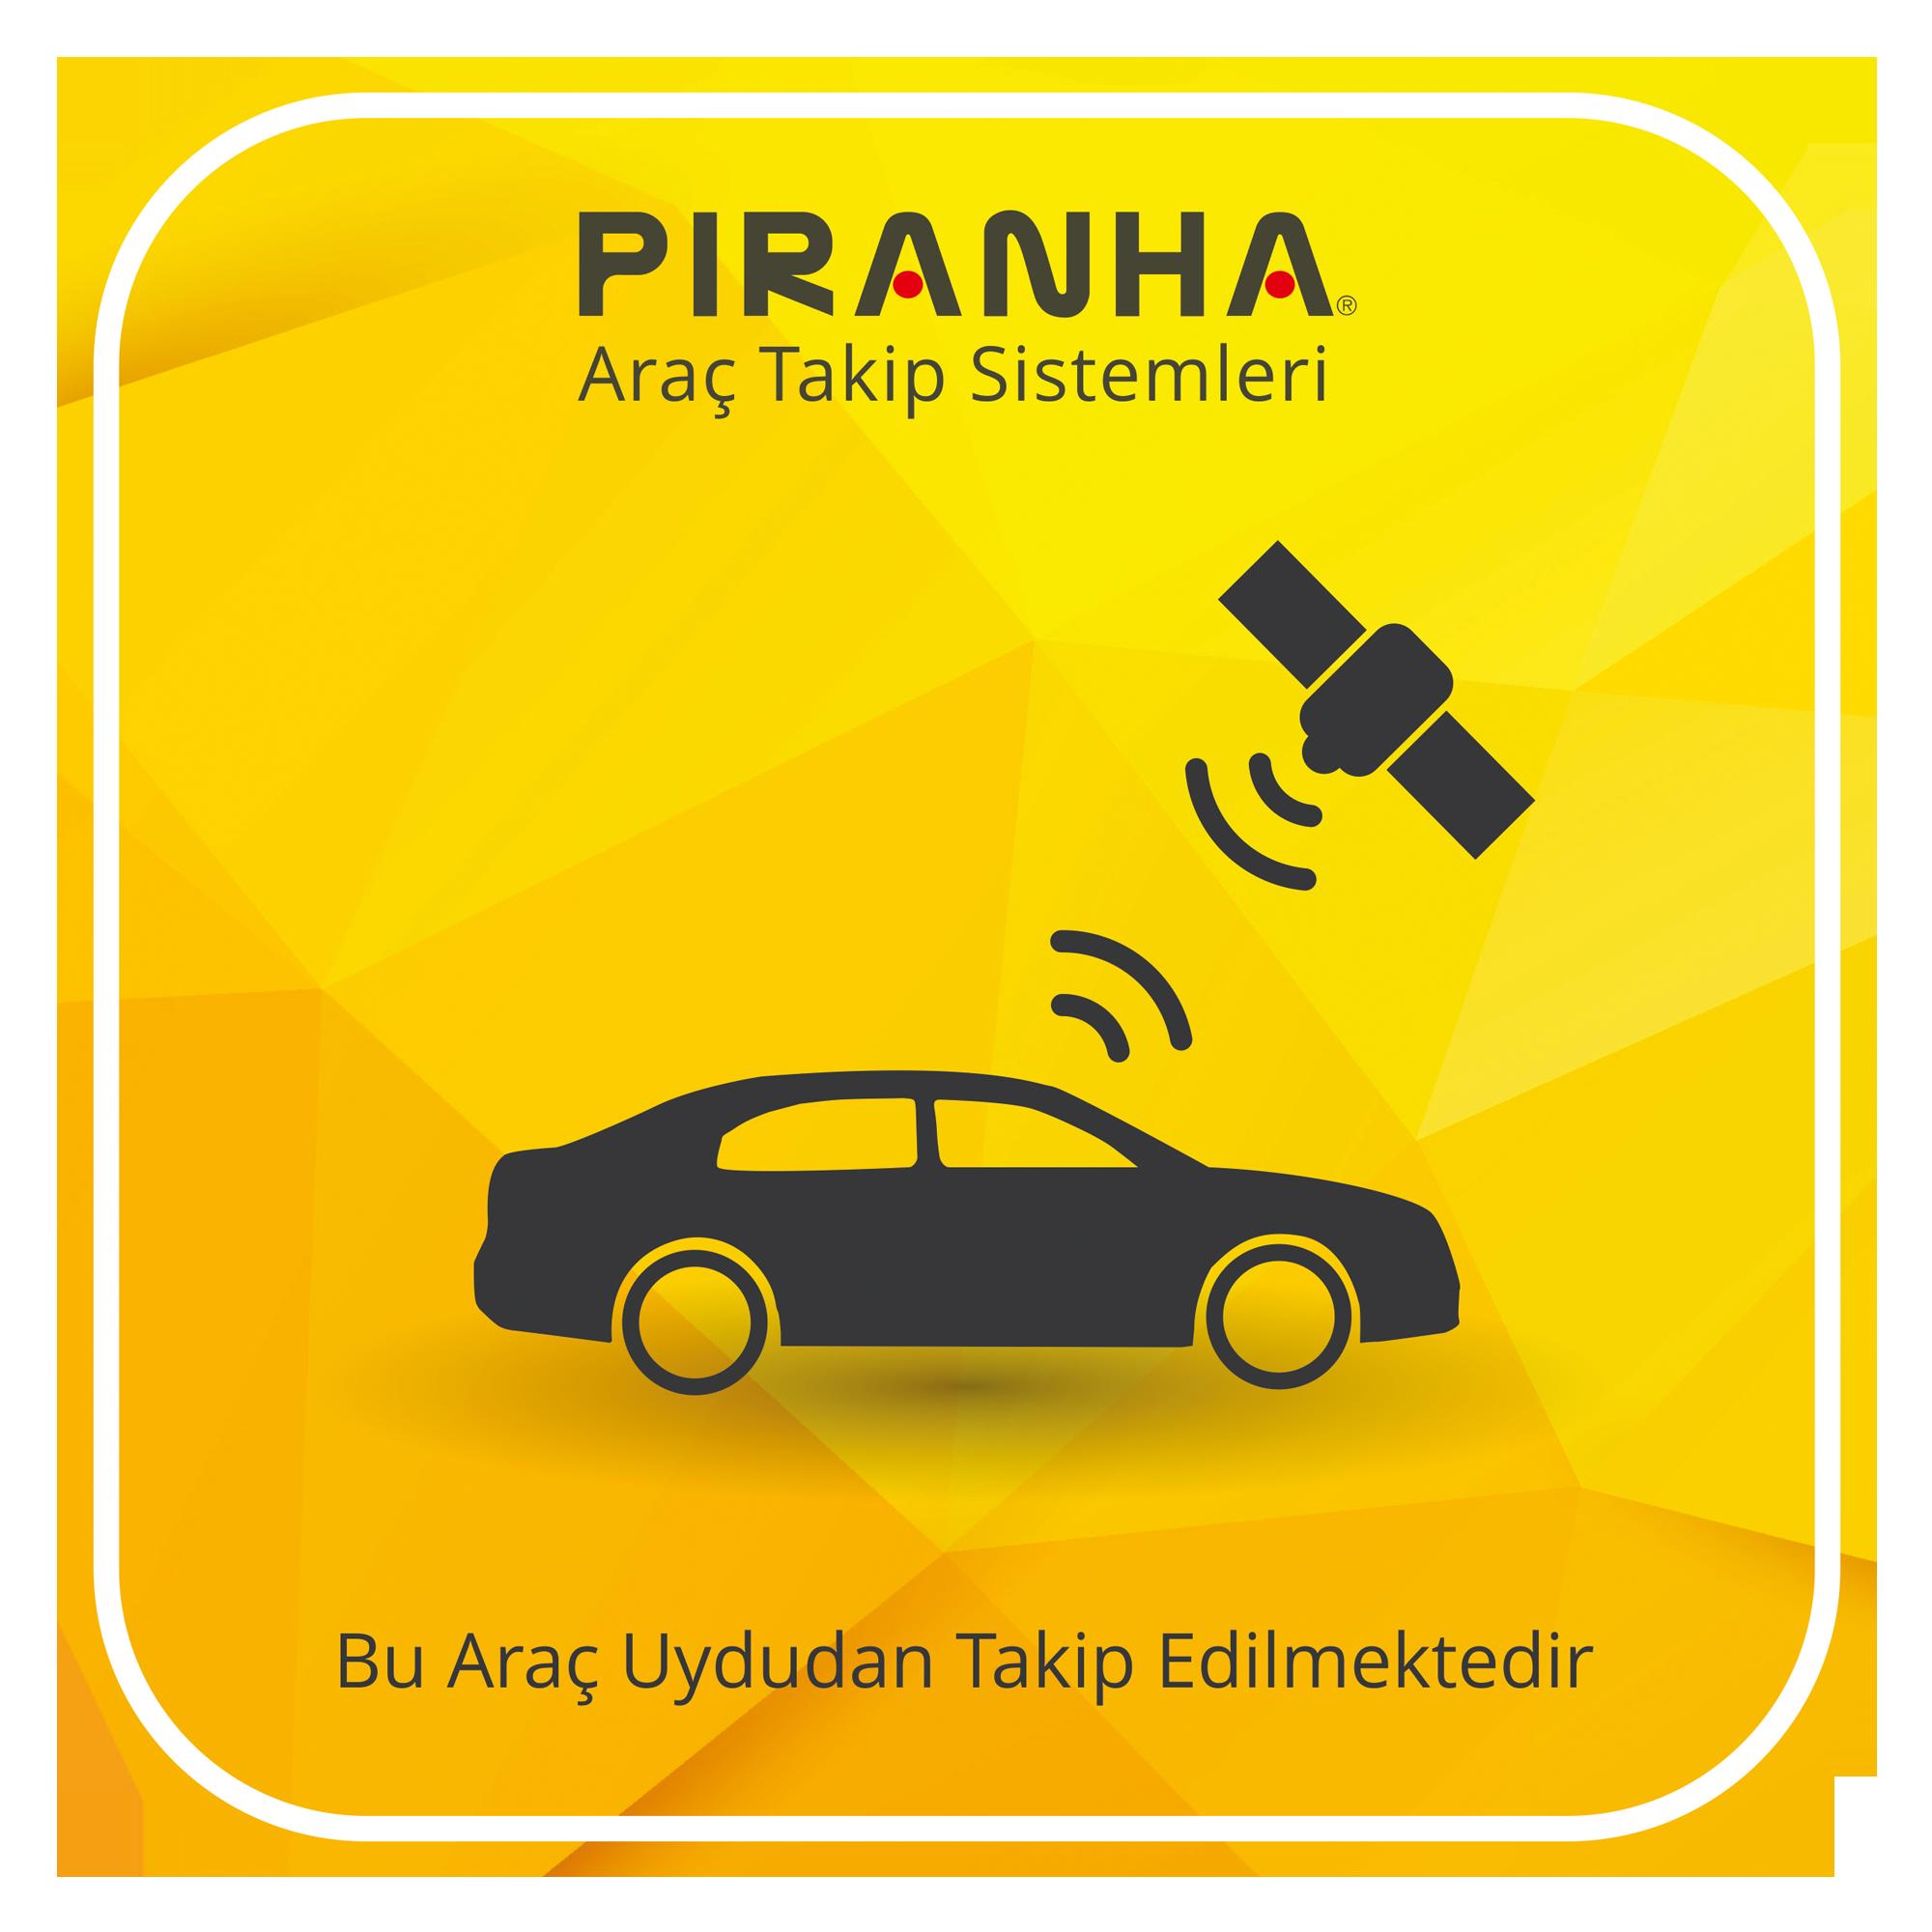 Araç başlangıç cihazı: çalışma prensibi, devre ve özellikleri